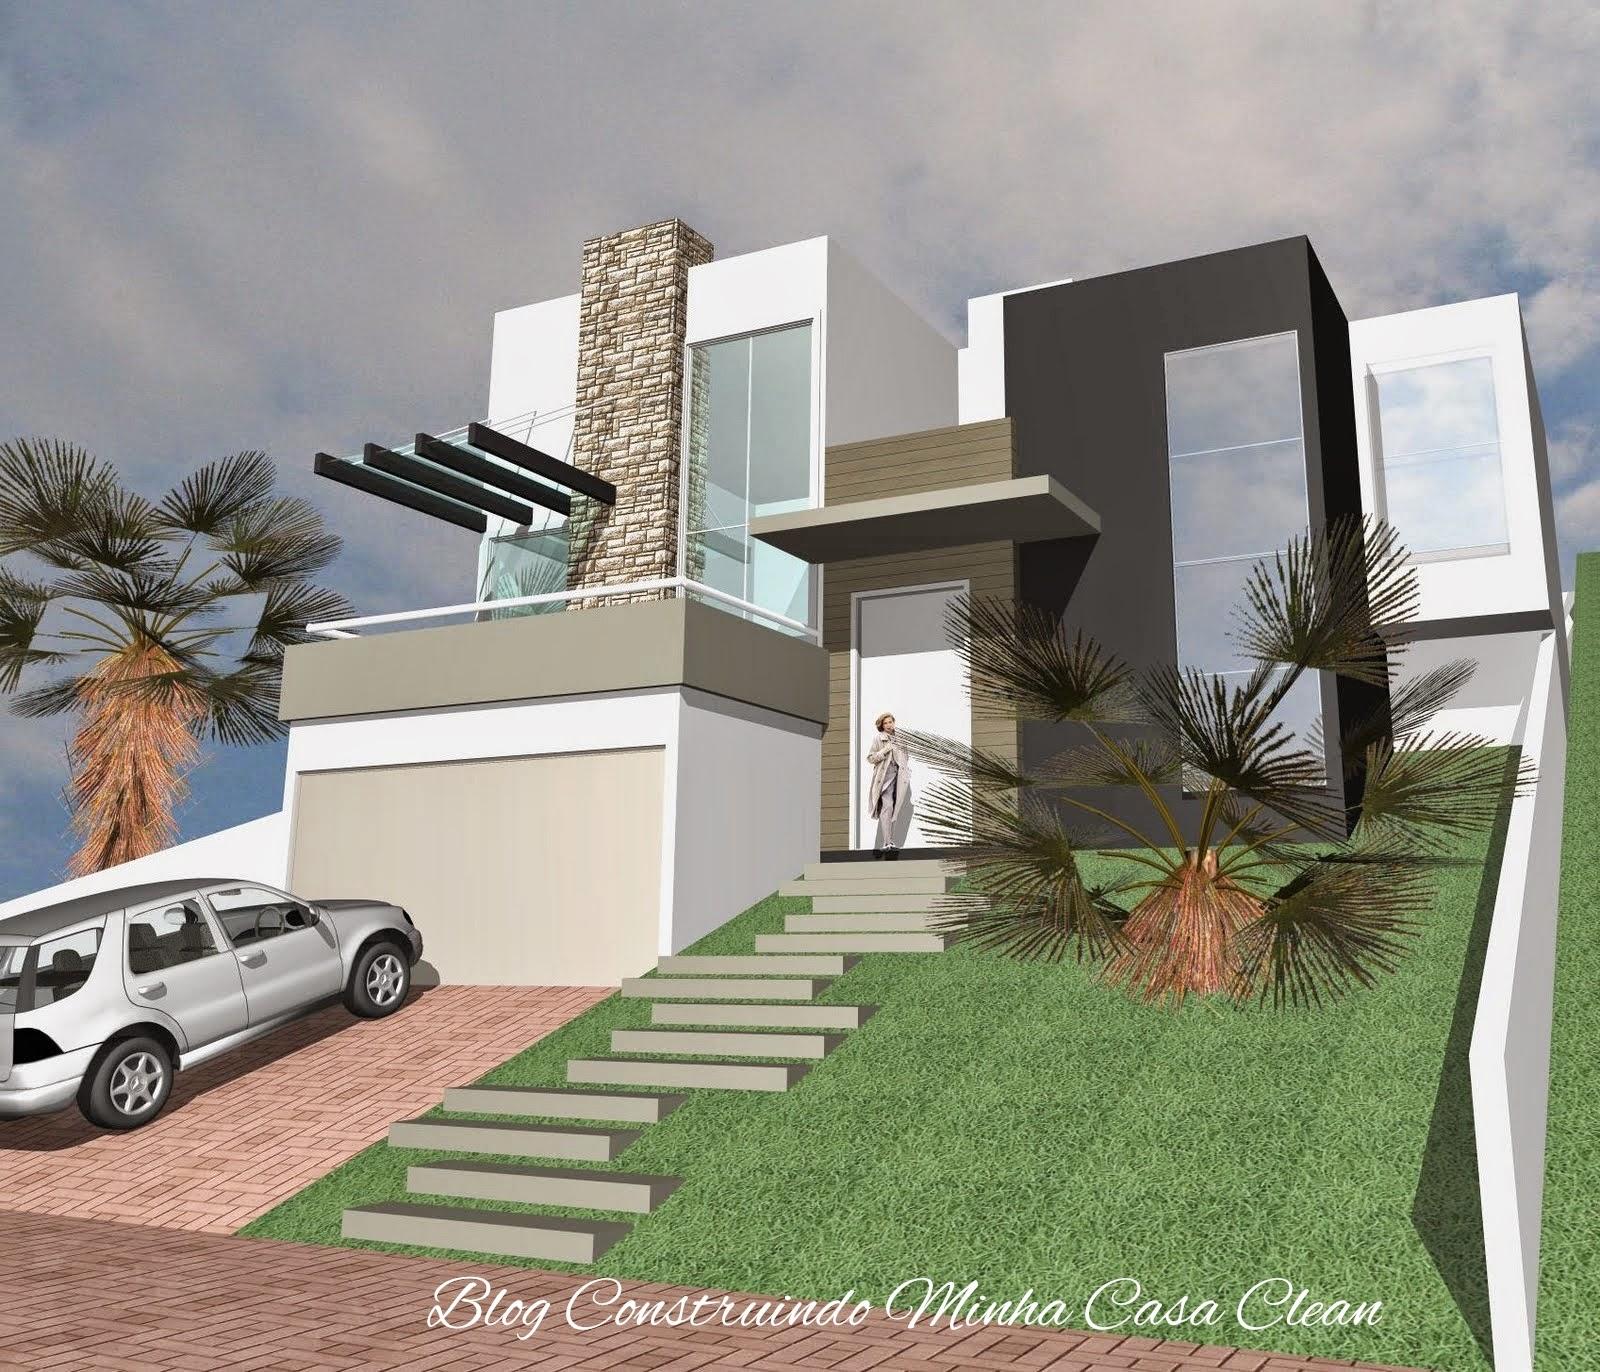 Construindo minha casa clean fachadas de casas em terrenos em aclive e estreitos for Casas modernas para construir